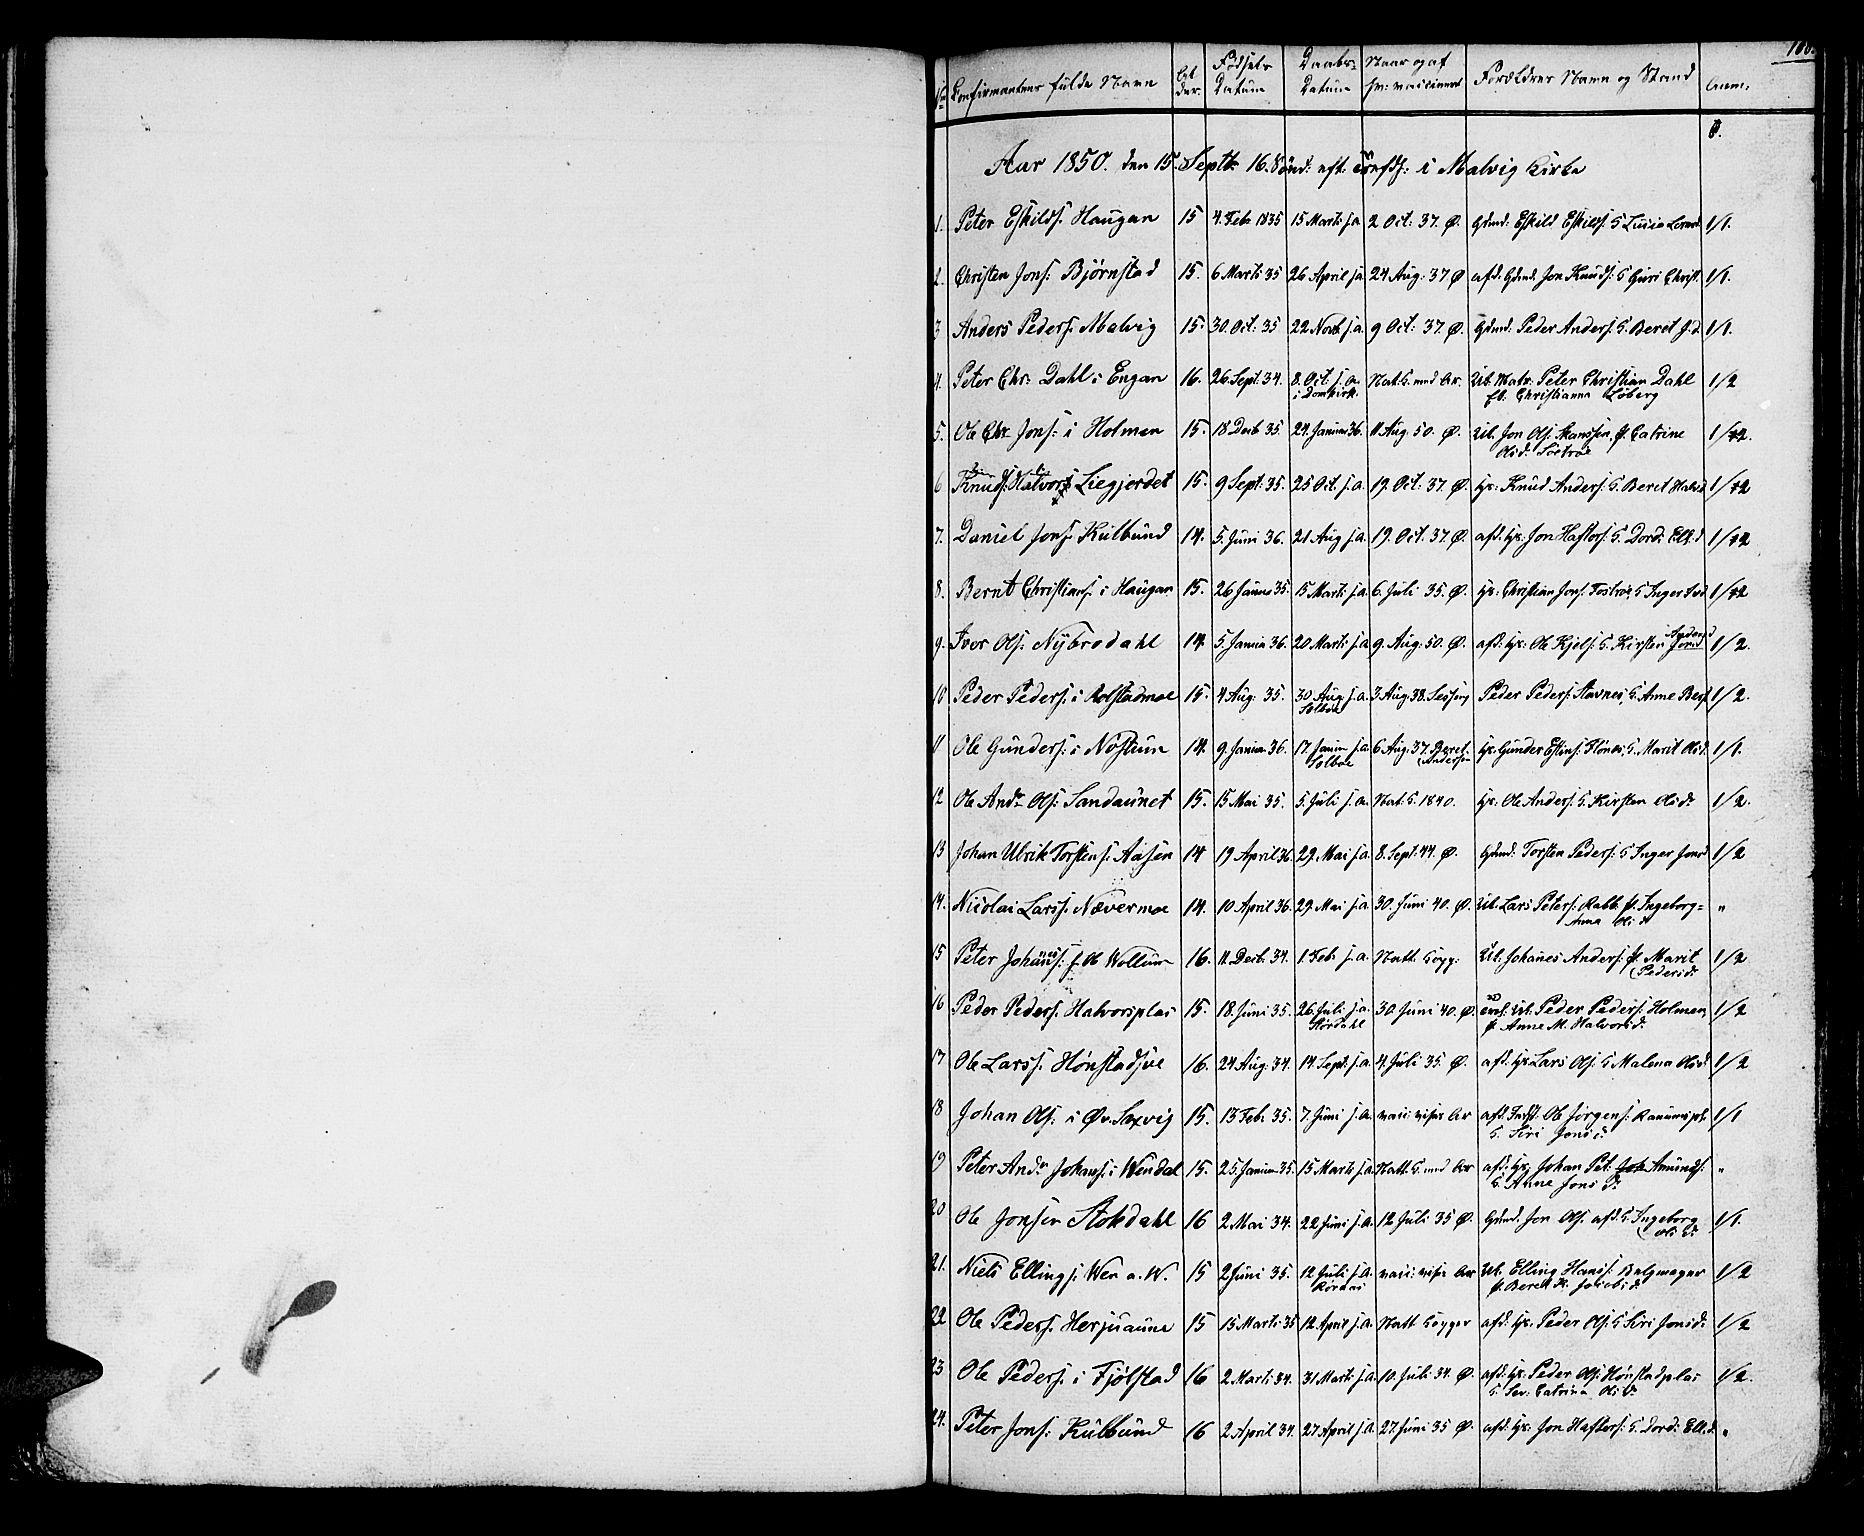 SAT, Ministerialprotokoller, klokkerbøker og fødselsregistre - Sør-Trøndelag, 616/L0422: Klokkerbok nr. 616C05, 1850-1888, s. 100